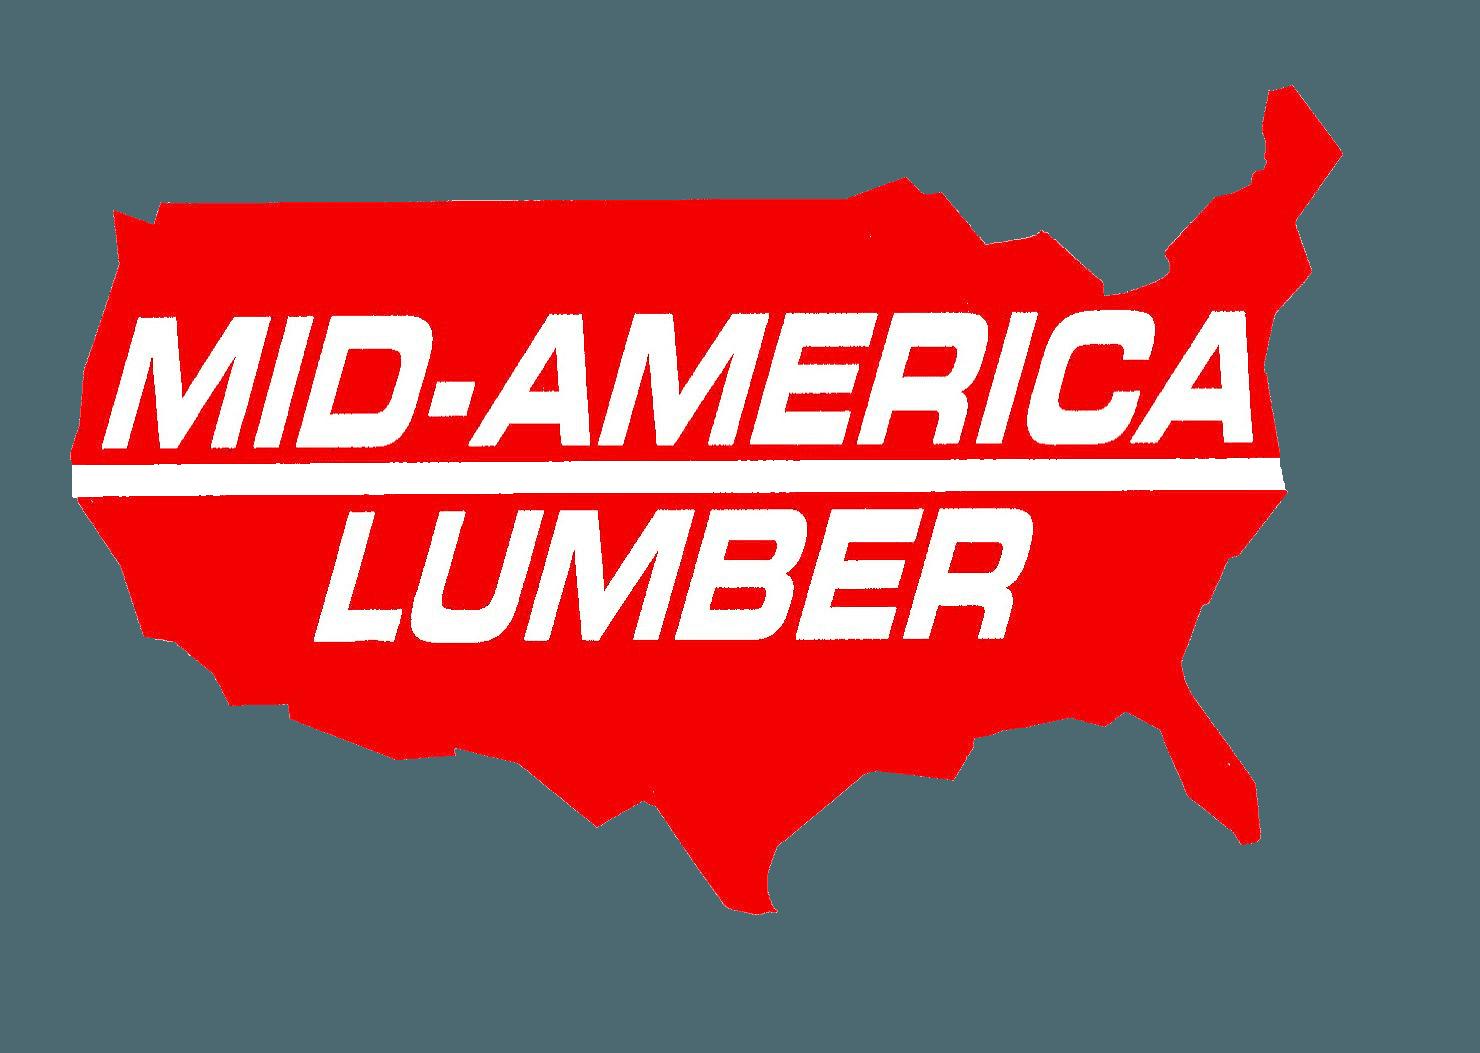 Mid-America Lumber